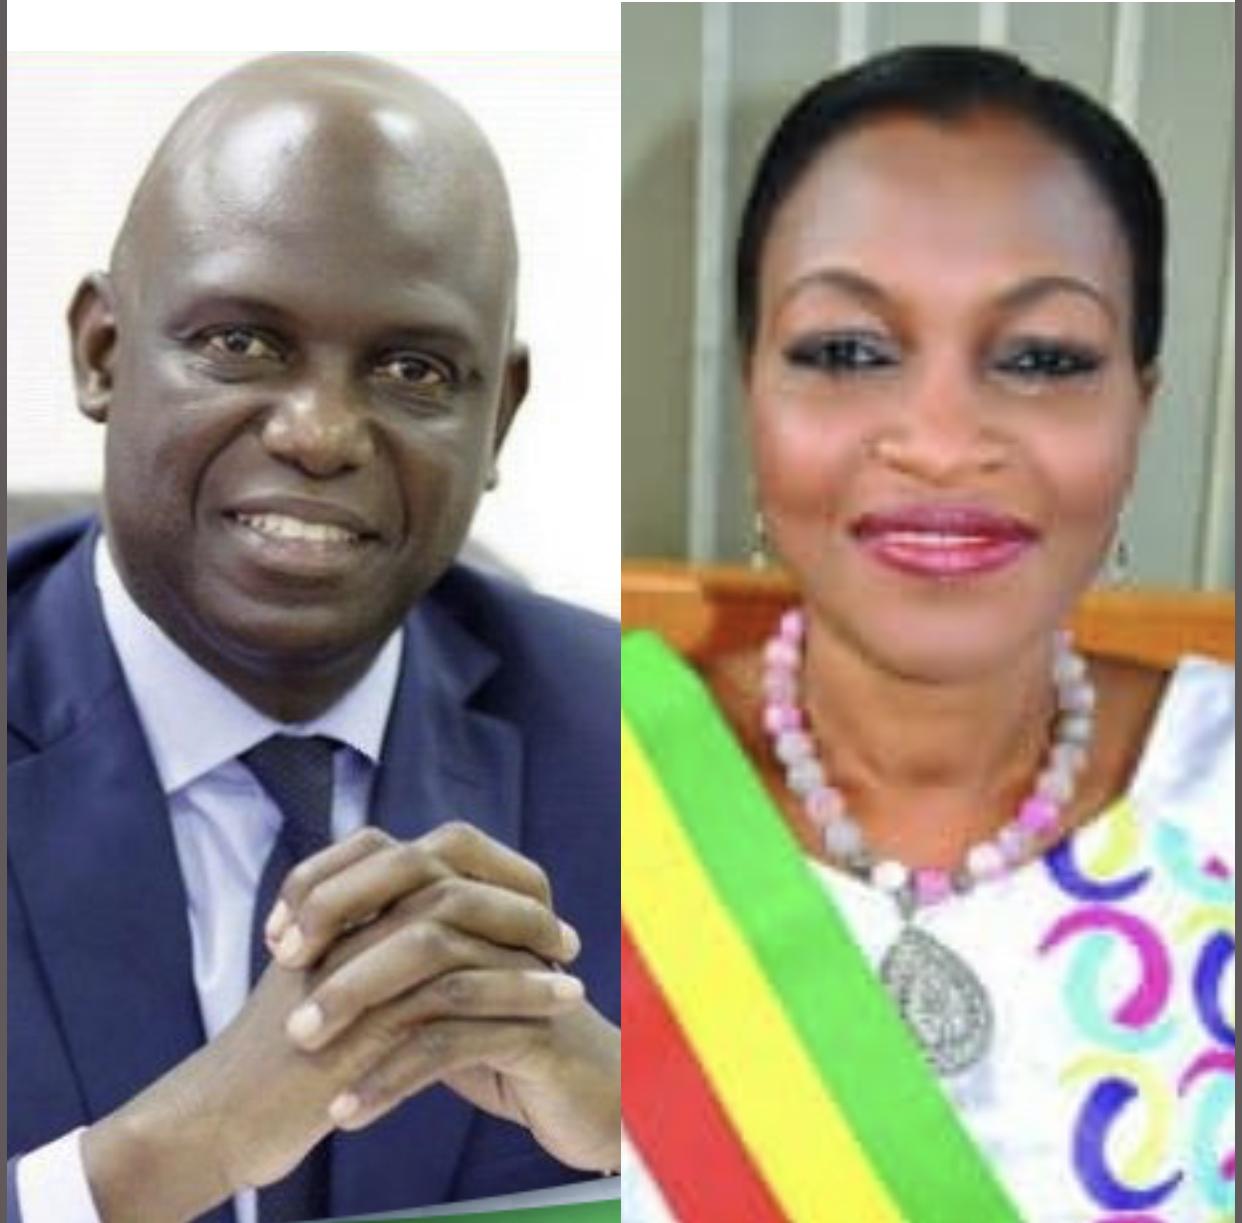 Le mariage entre le ministre Mansour Faye et la députée Aminata Gueye est une Fake News, selon son frère Adama Faye